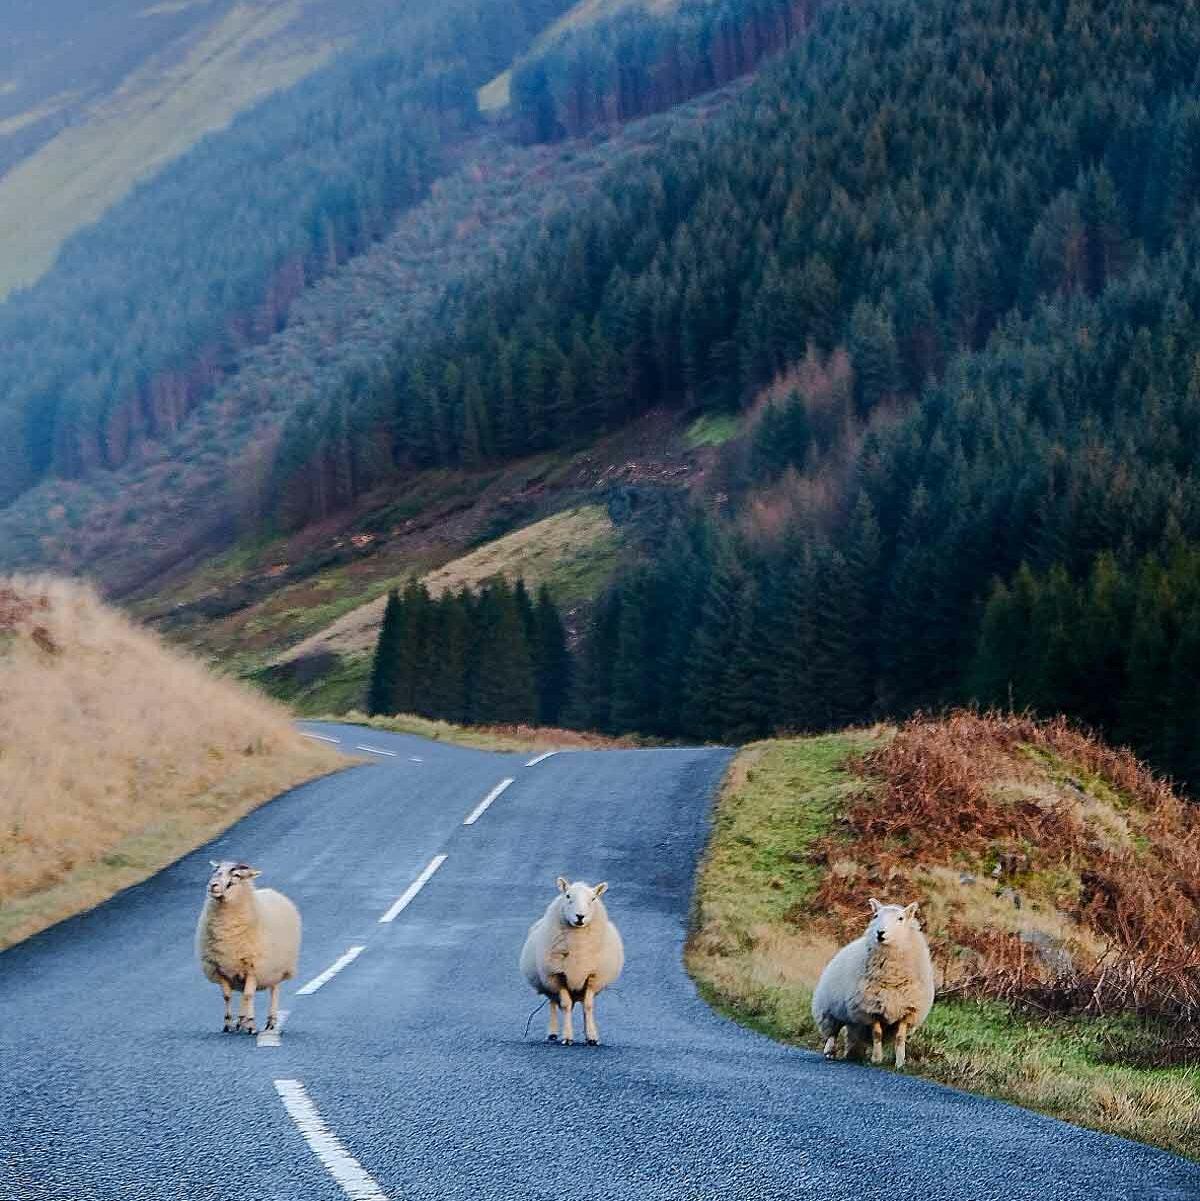 Sfeerfoto van schapen die op de weg lopen